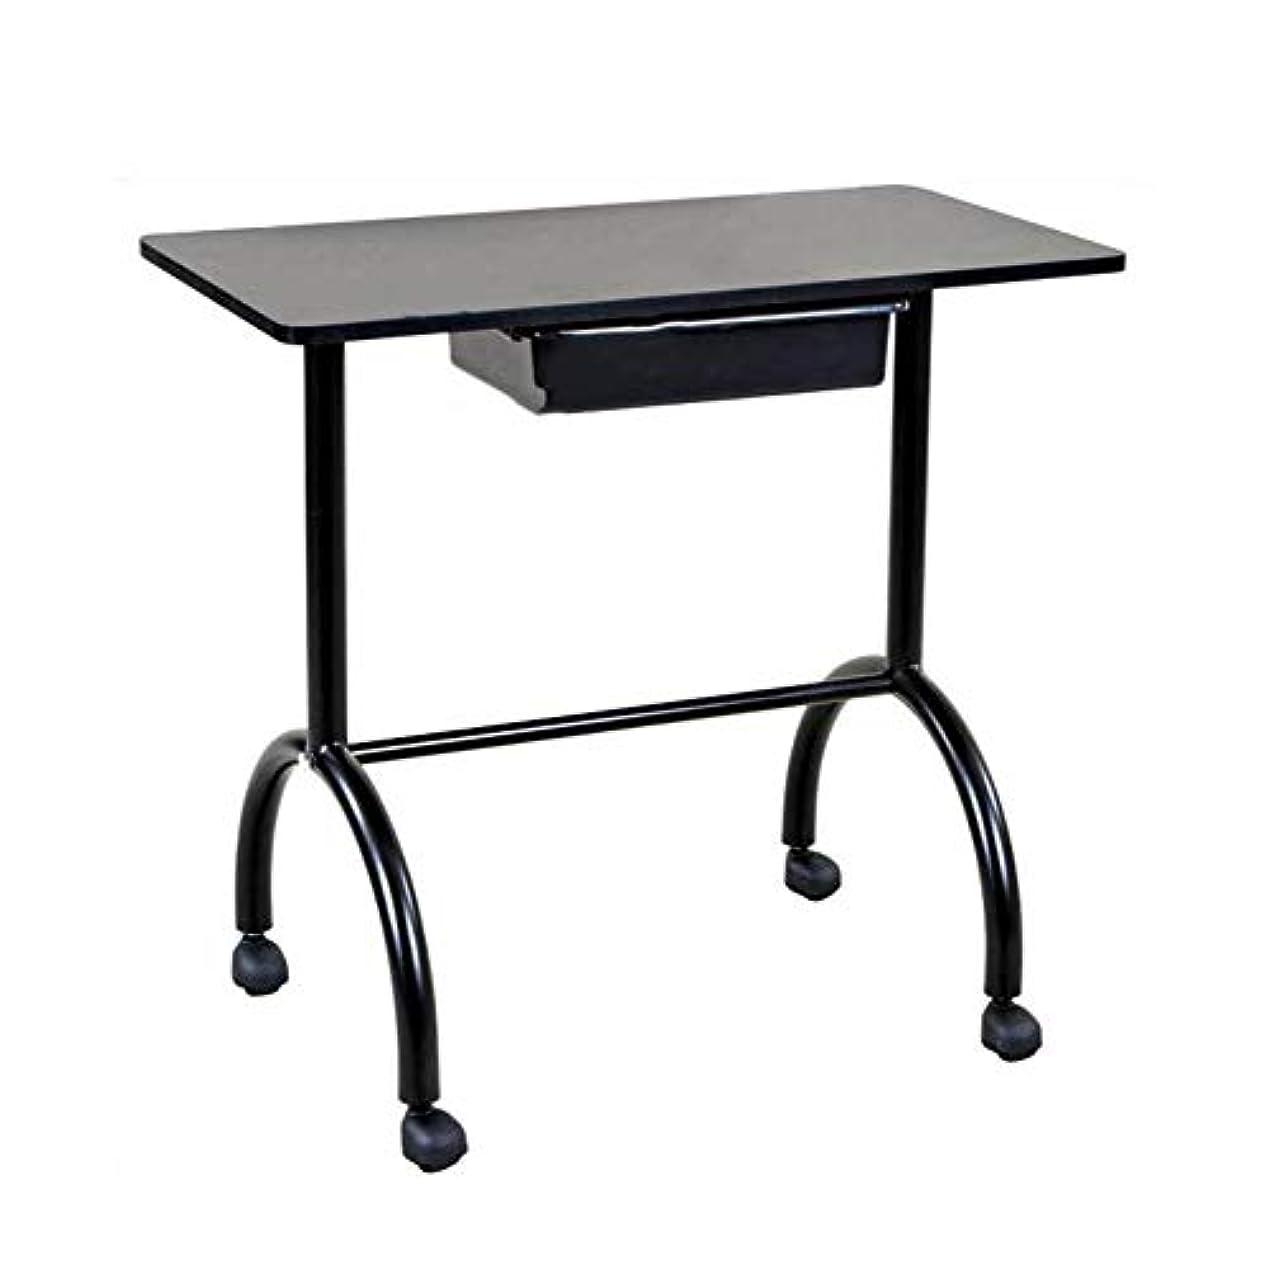 まもなくベル大声でネイルテーブルポータブルマニキュアテーブルベントネイルデスクワークステーションサロンスパネイルアートビューティーサロン備品黒